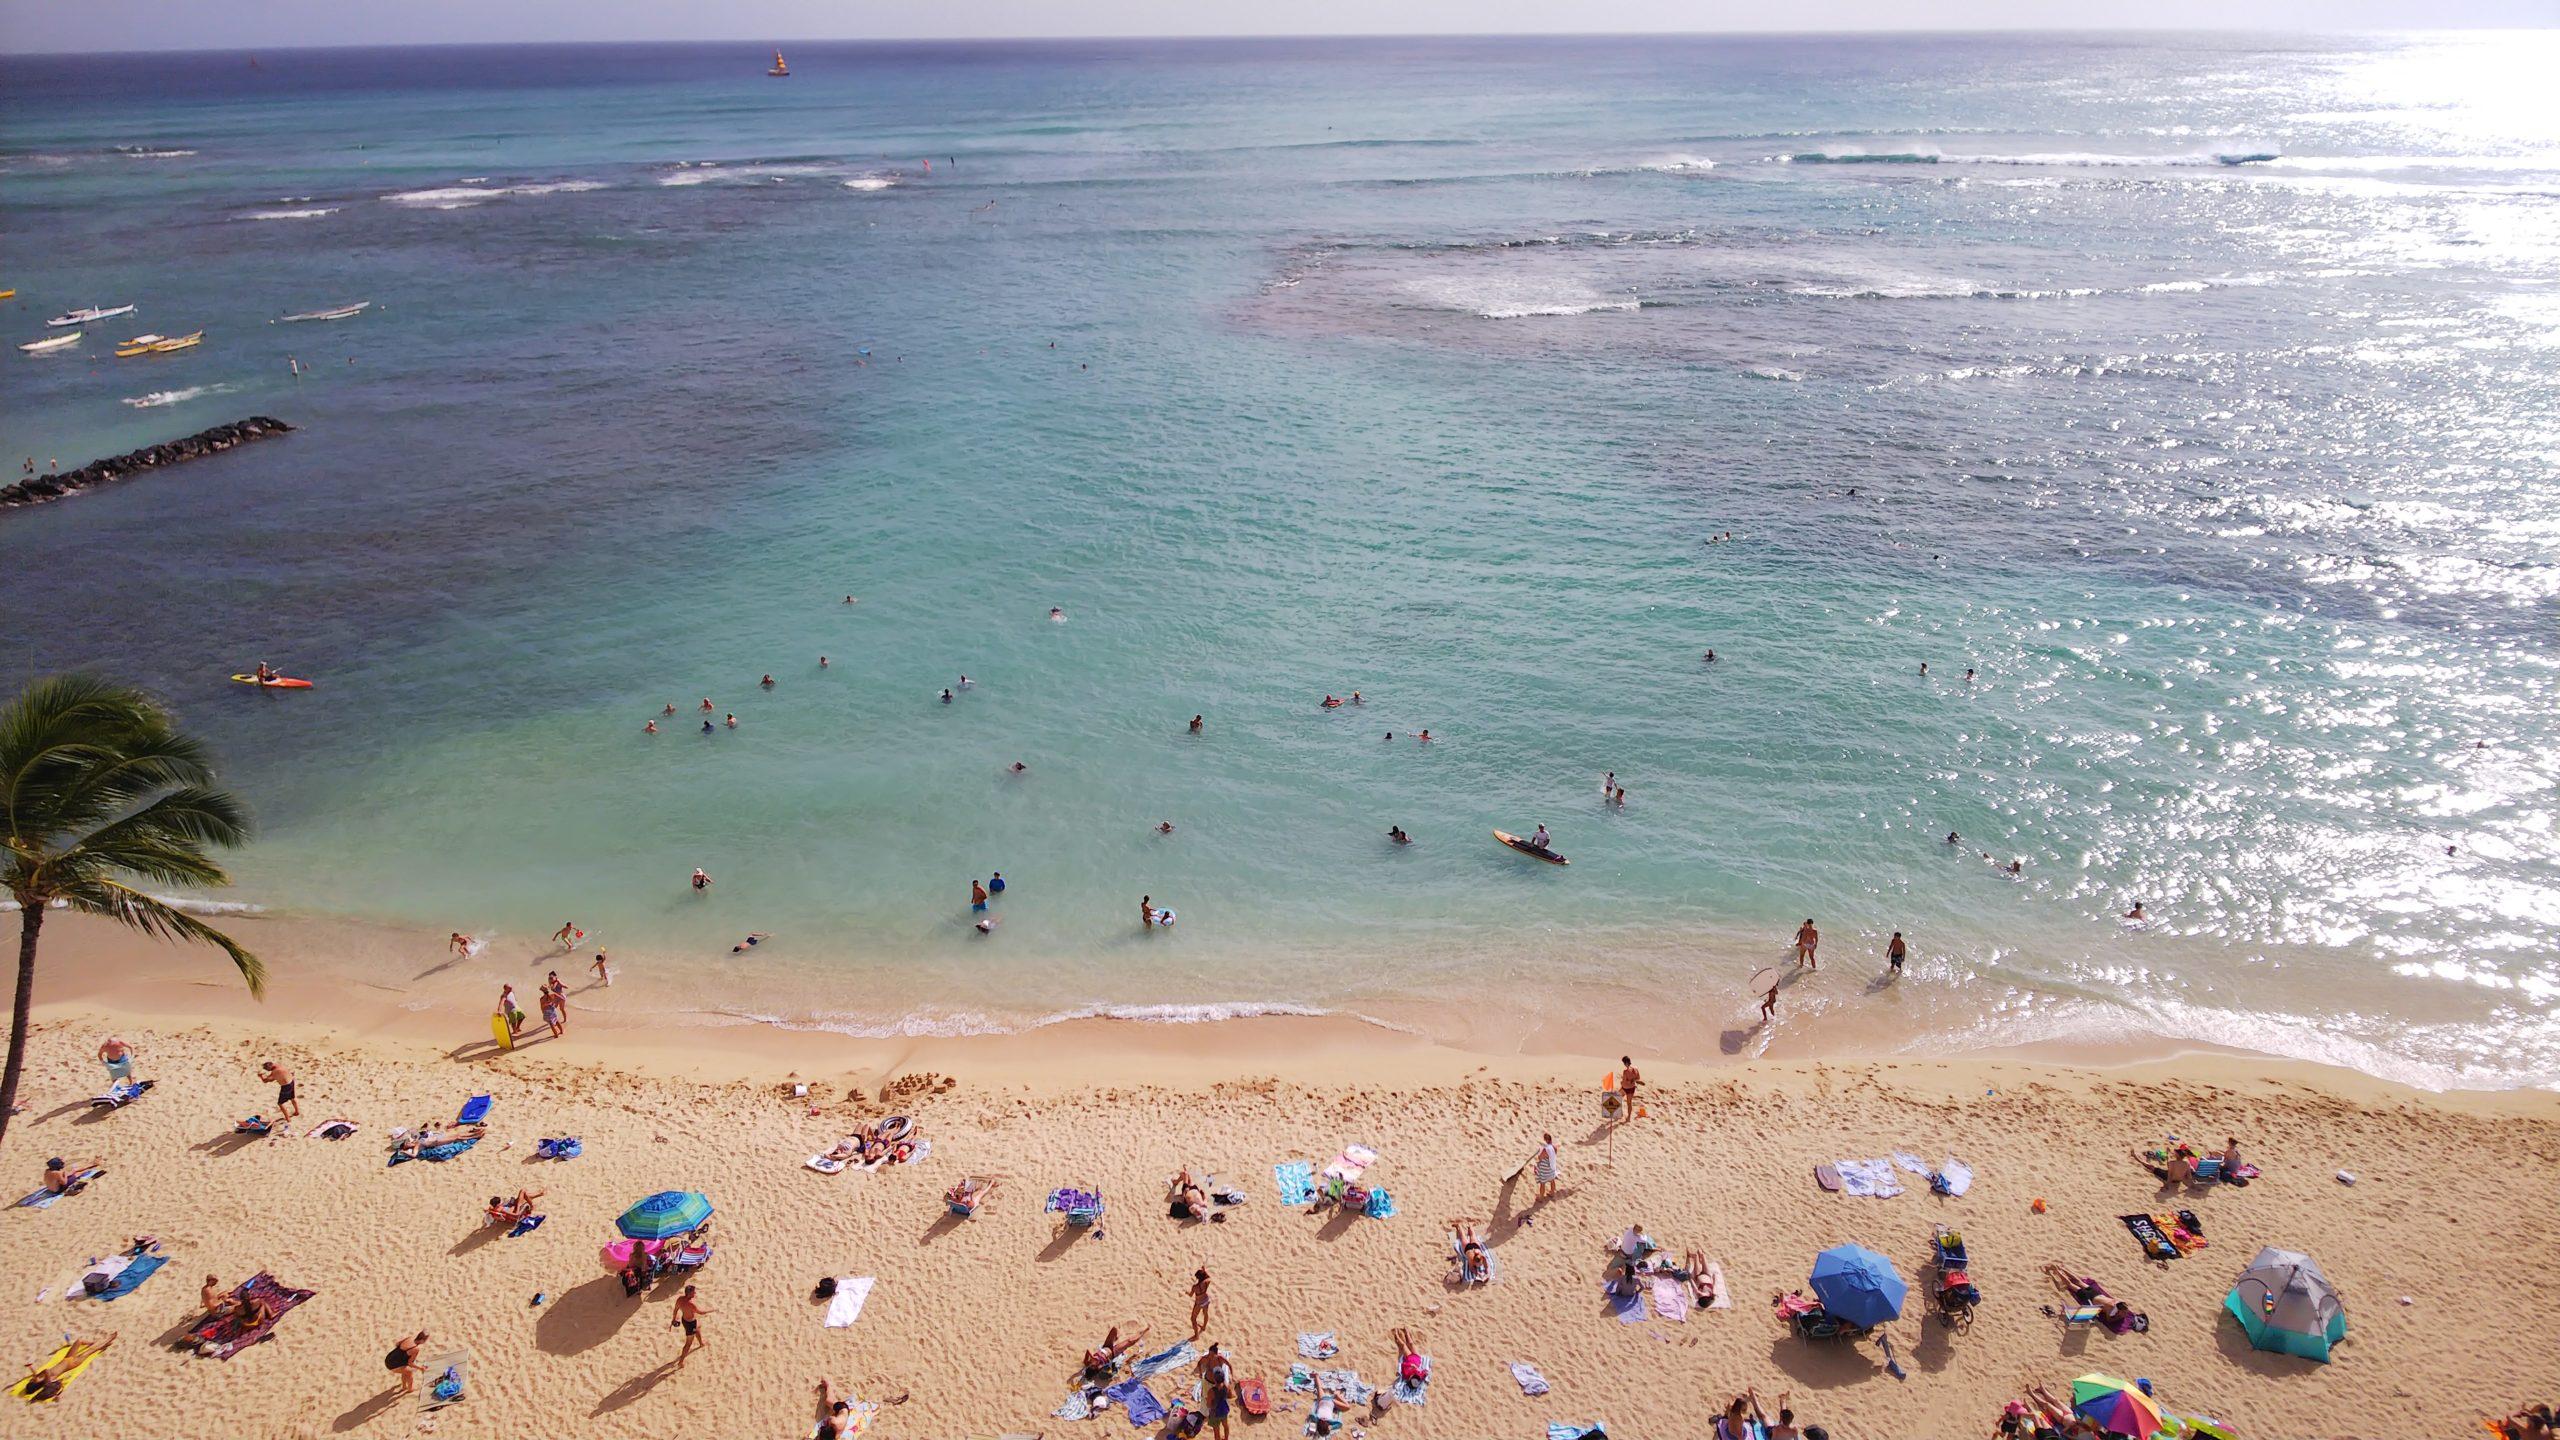 【ハワイ】ザ・ニューオータニ・カイマナ・ビーチ・ホテル滞在記【結婚記念日】